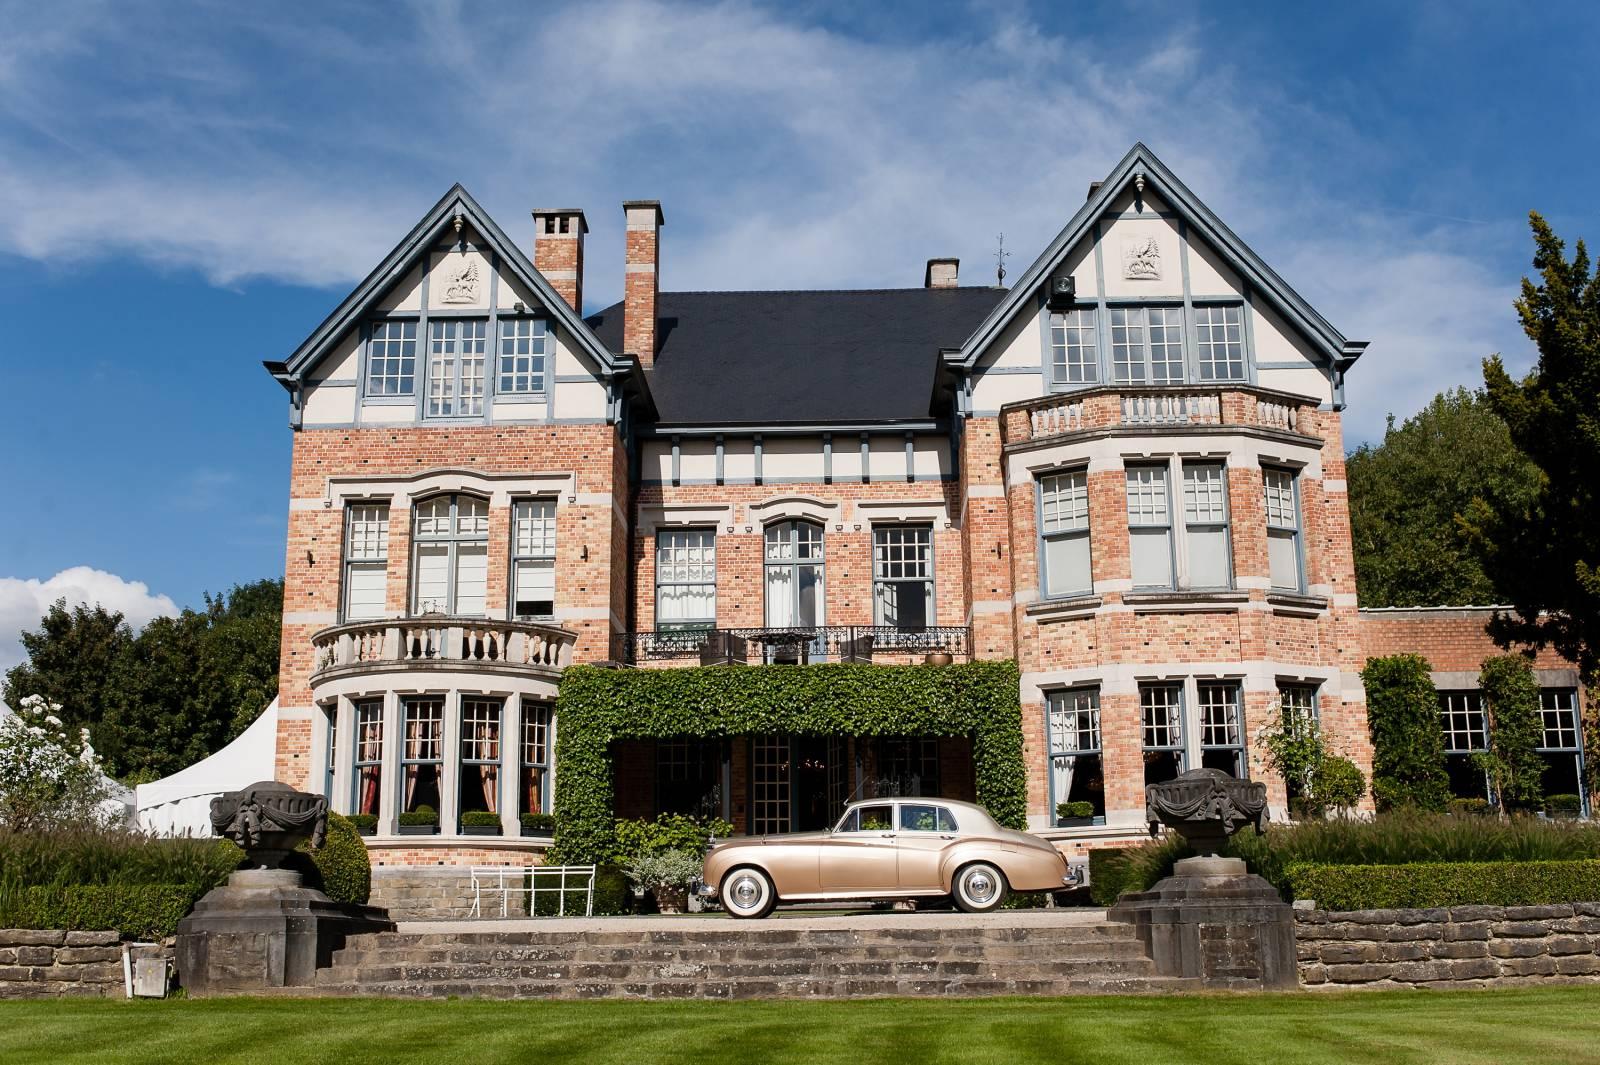 Domein Saint-Hubert - House of Weddings - Feestzaal Oost-Vlaanderen - Ronse - huwelijk - ceremonie cateri